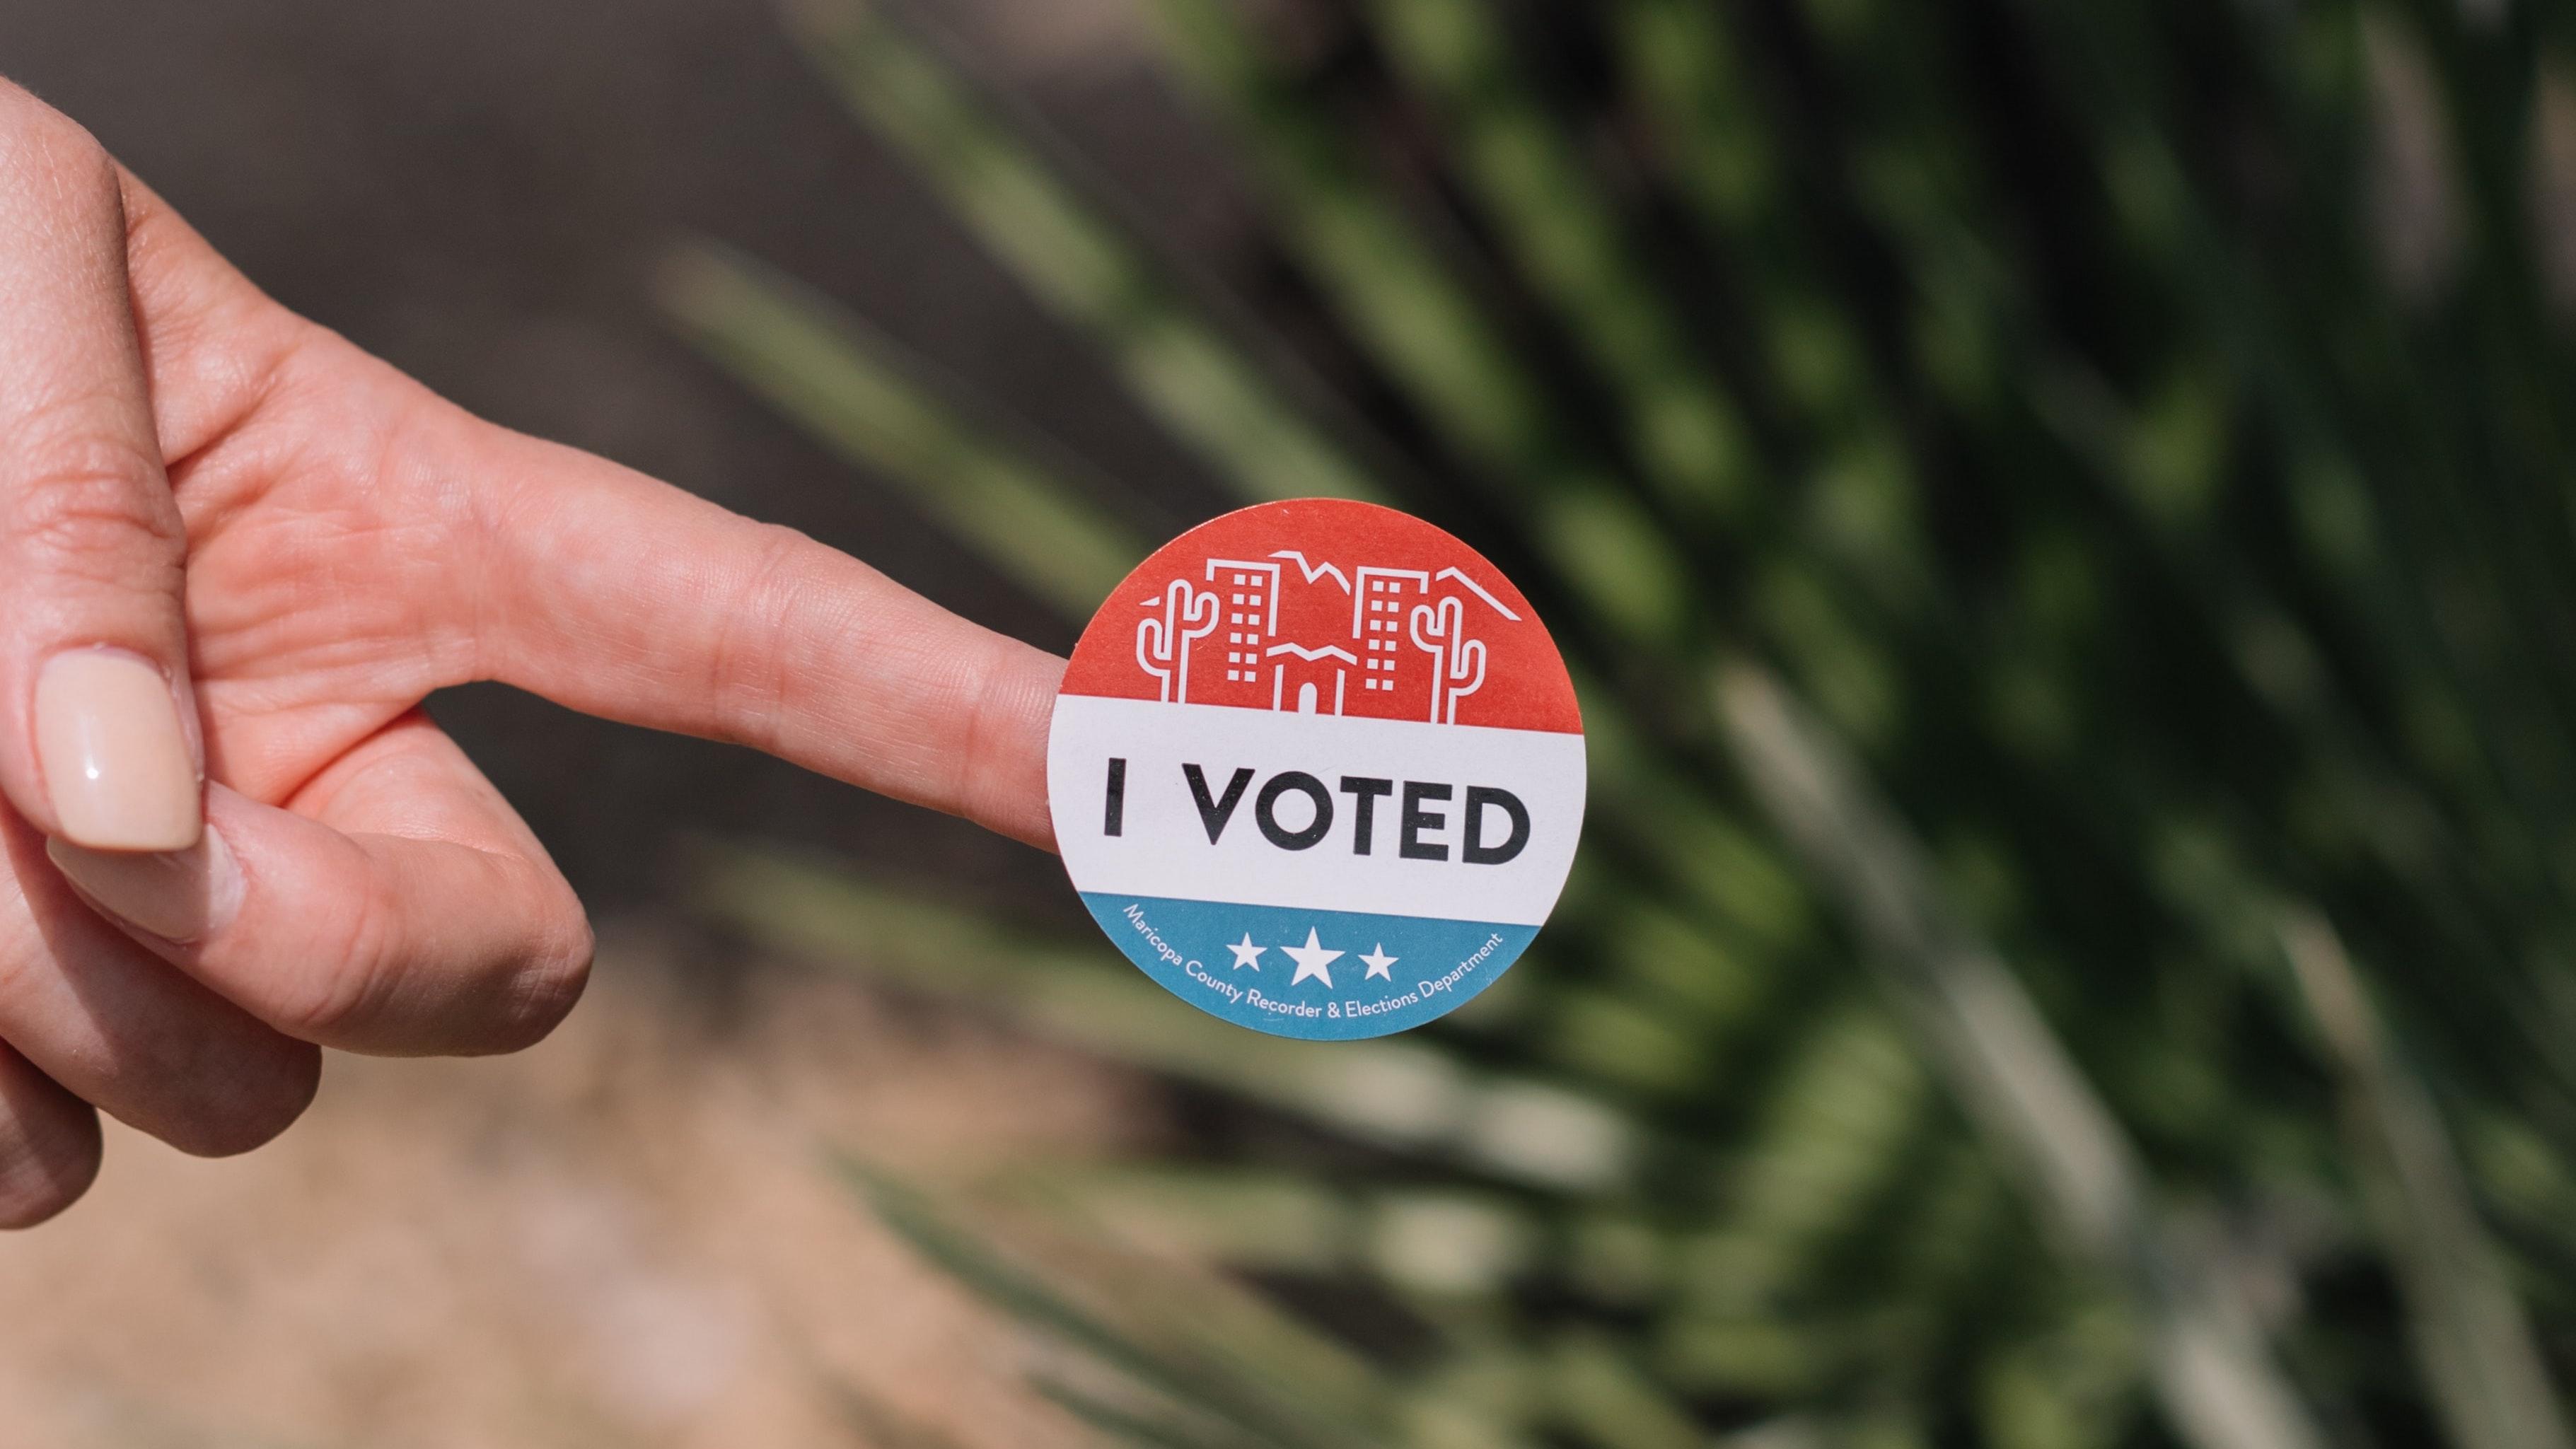 """finger holding an """"I Voted"""" sticker"""